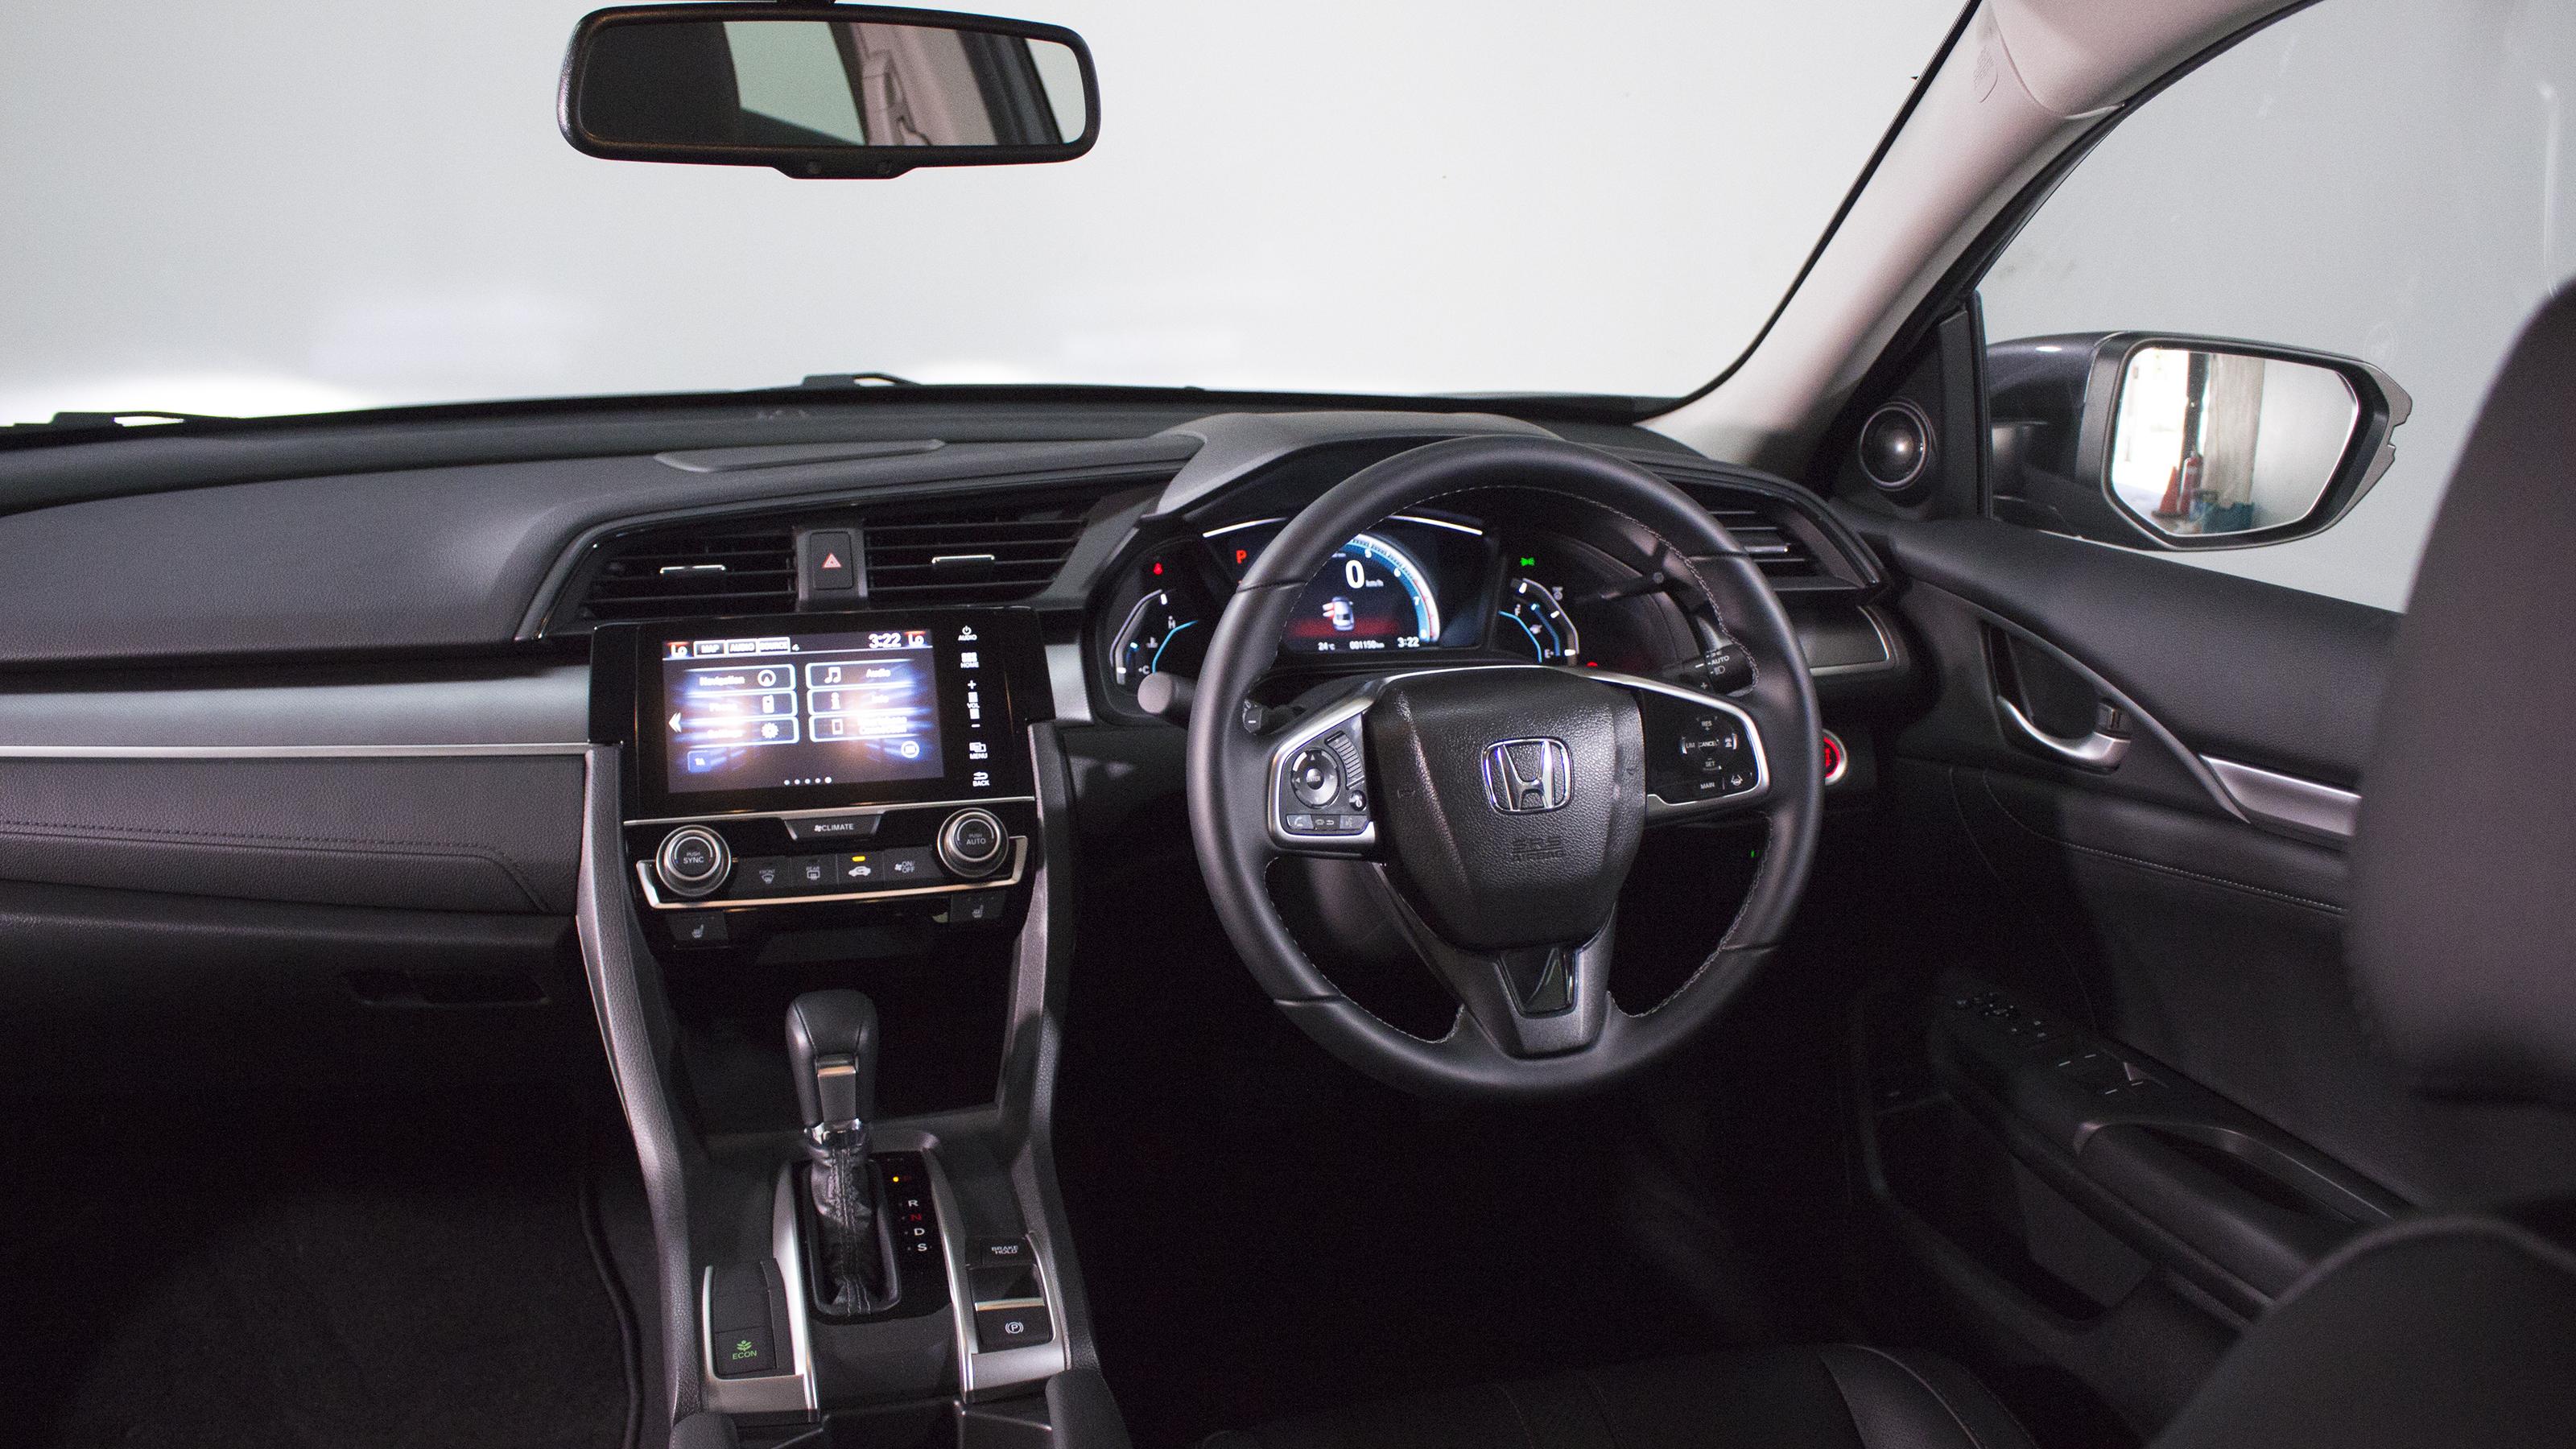 Small car comparison: Honda Civic.